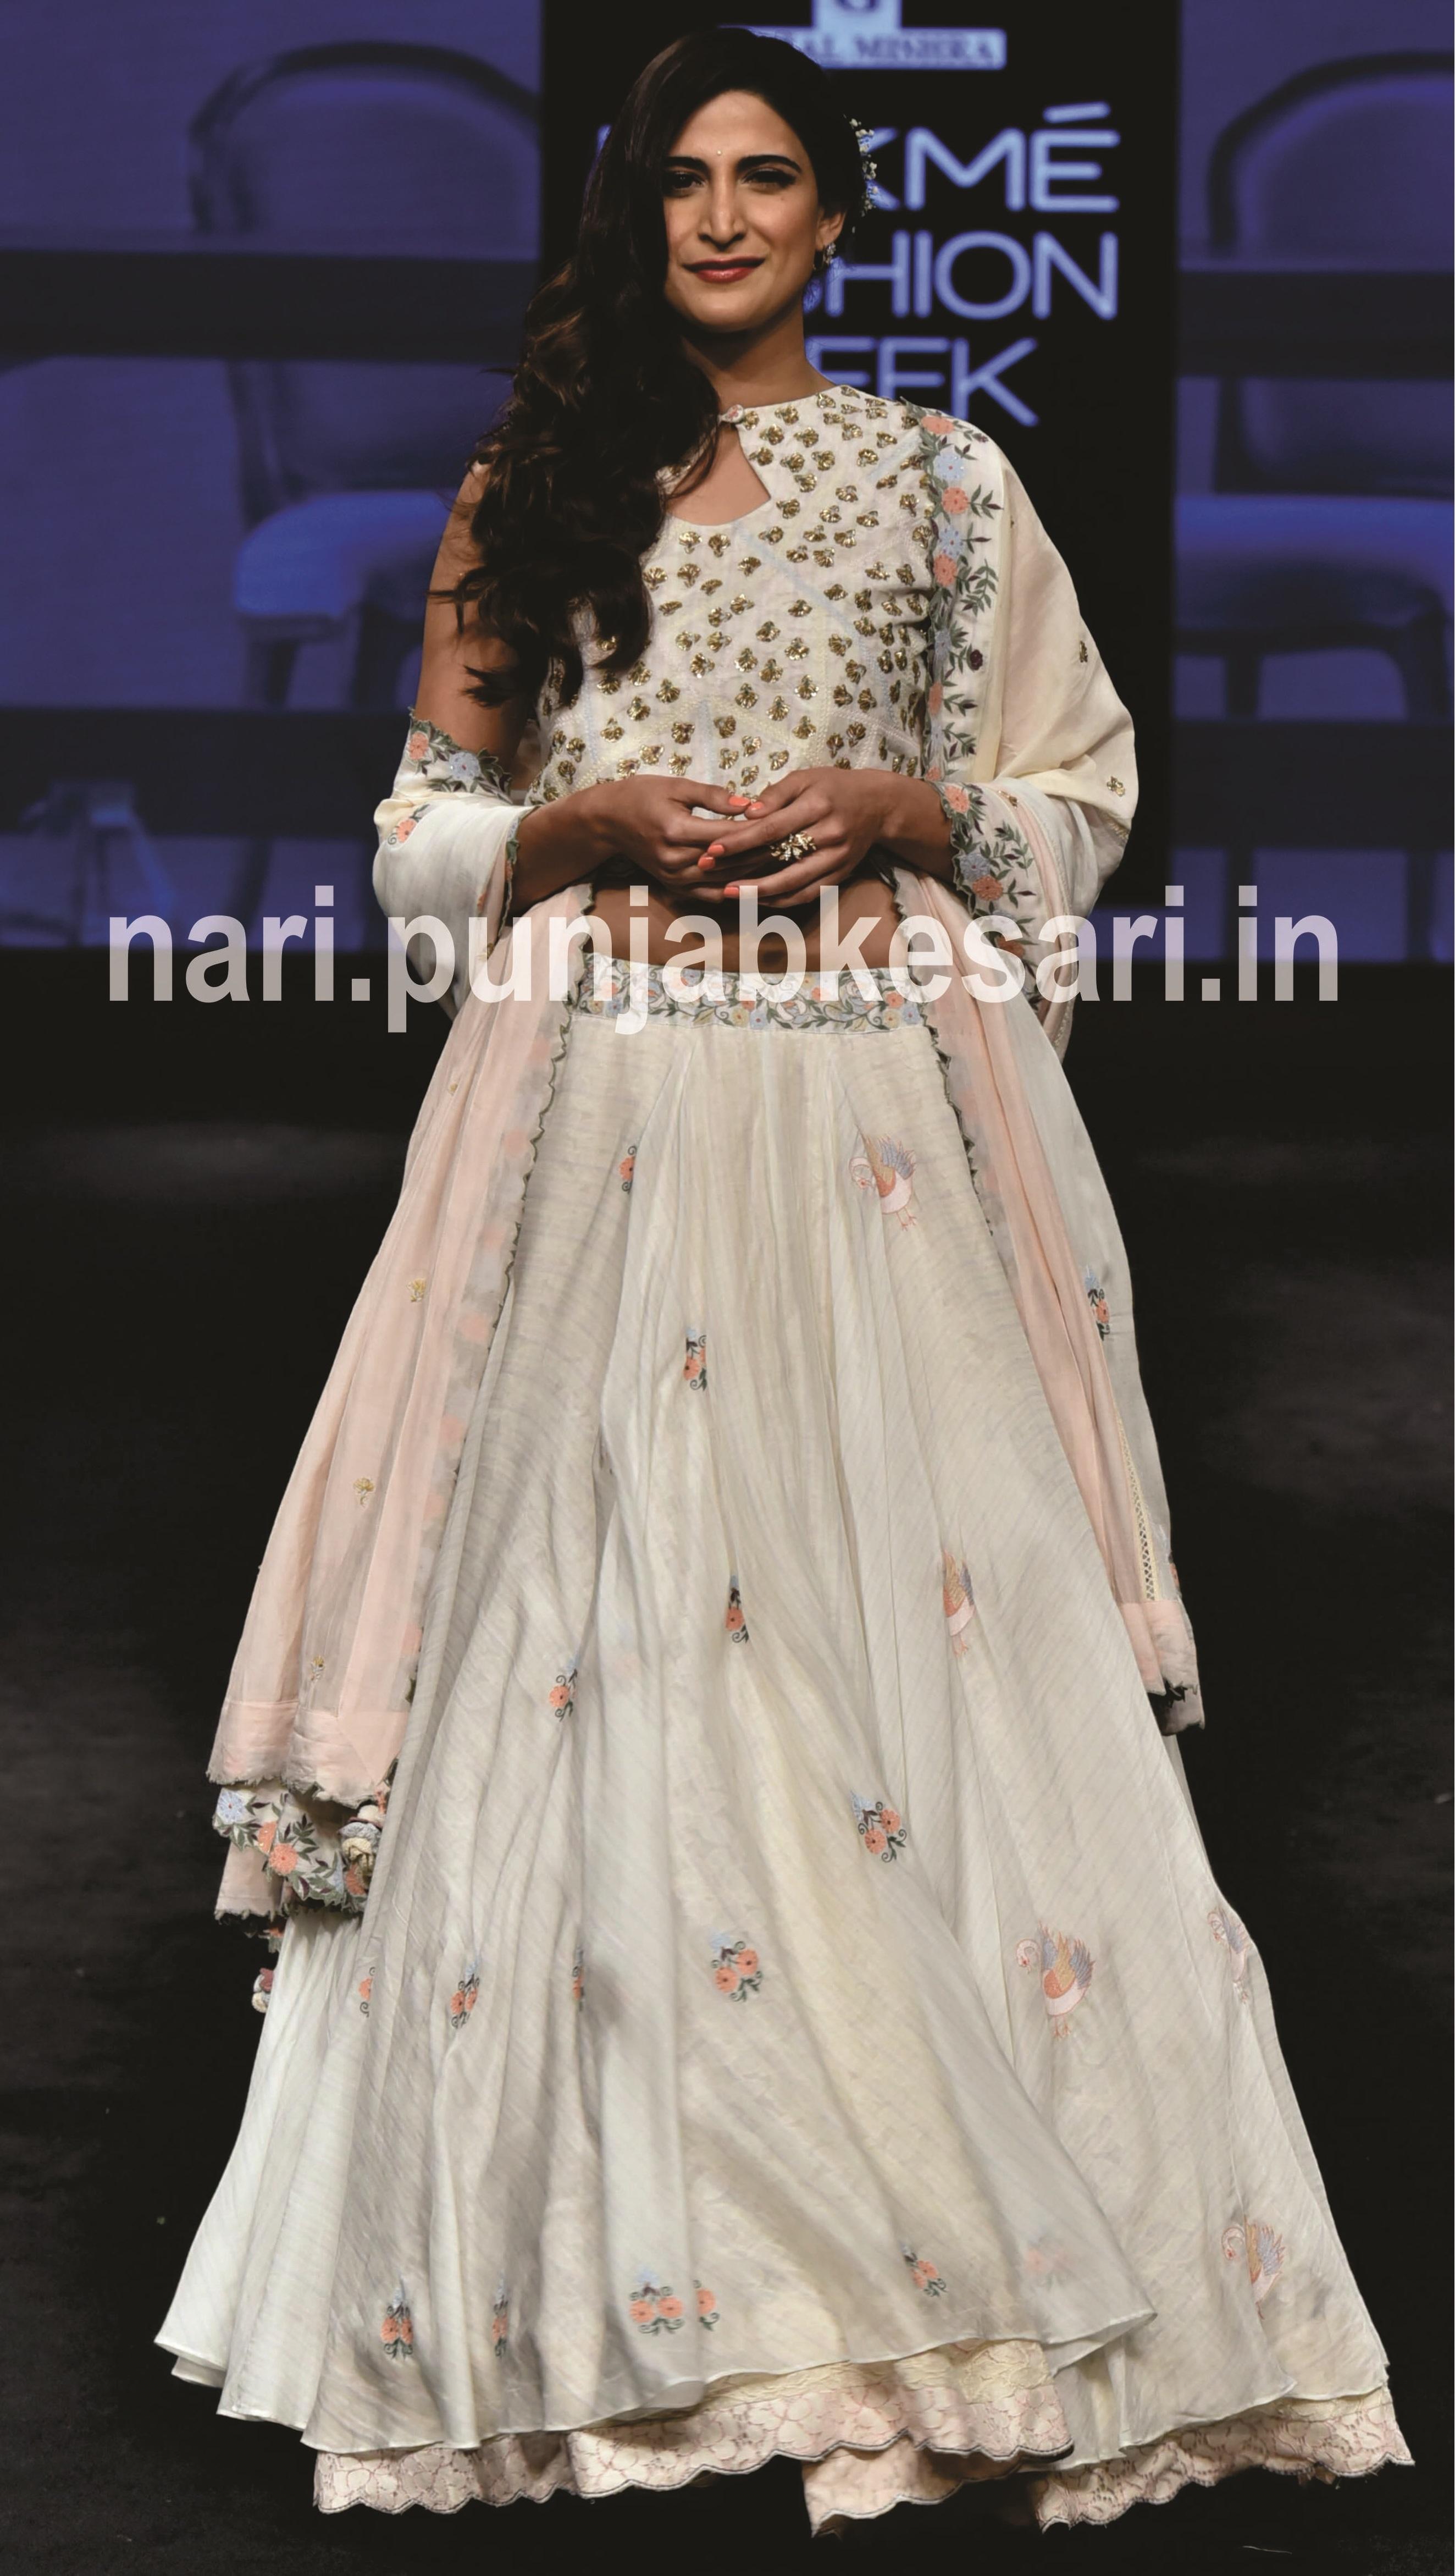 डिजाइनर Gazal Mishra की लेटेस्ट कलैक्शन Ateeba के लिए कुब्रा सैत और अहाना कुमरा ने एक साथ रैंपवॉक किया।